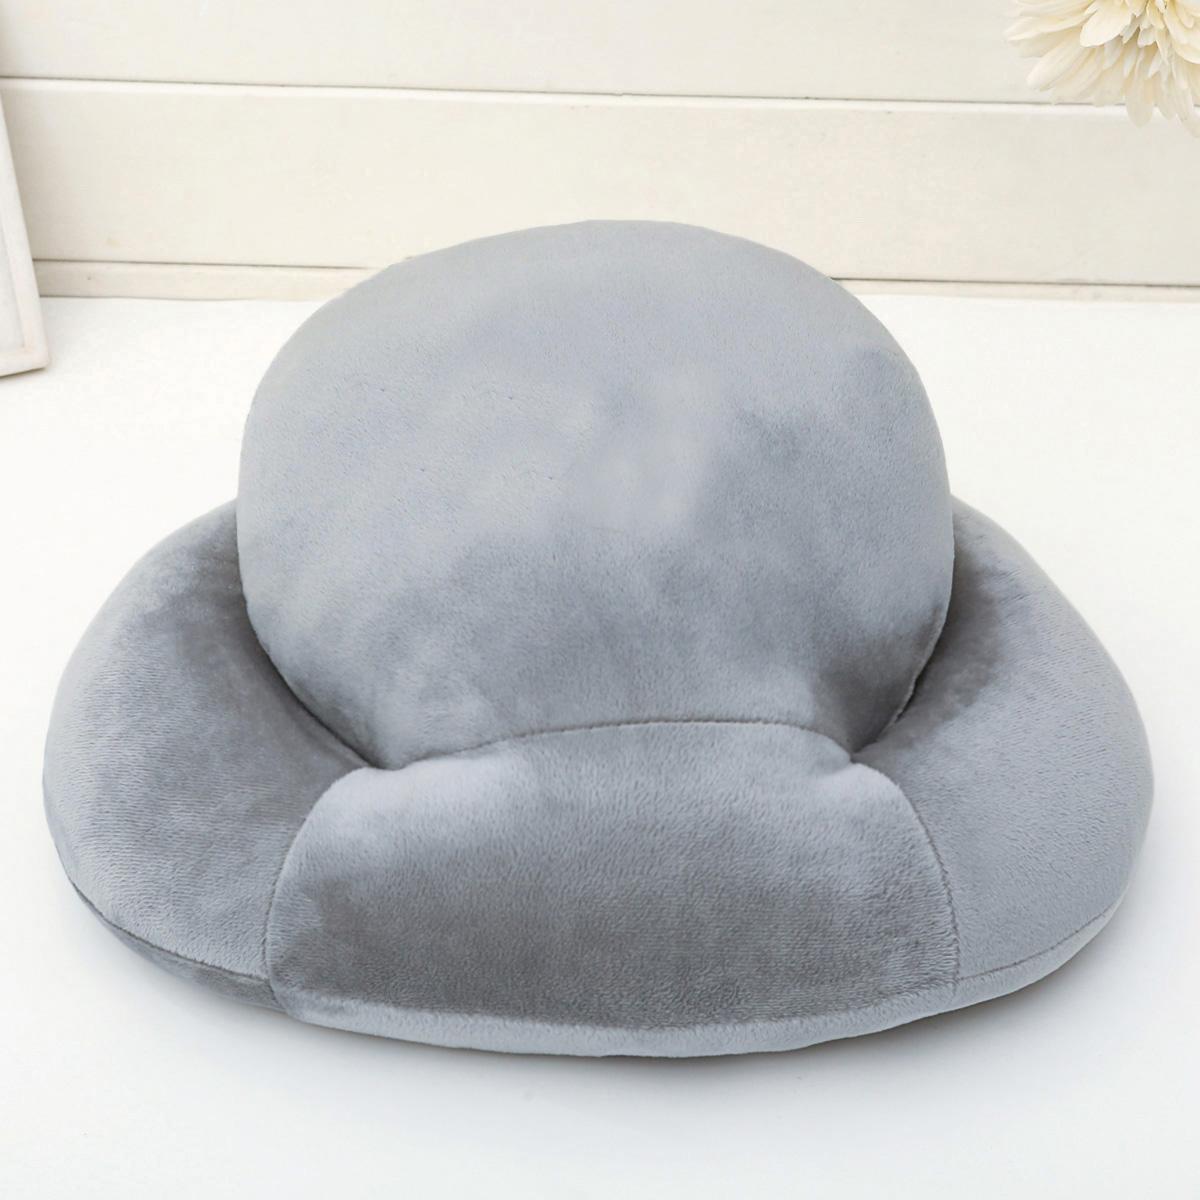 纯色银灰午睡枕